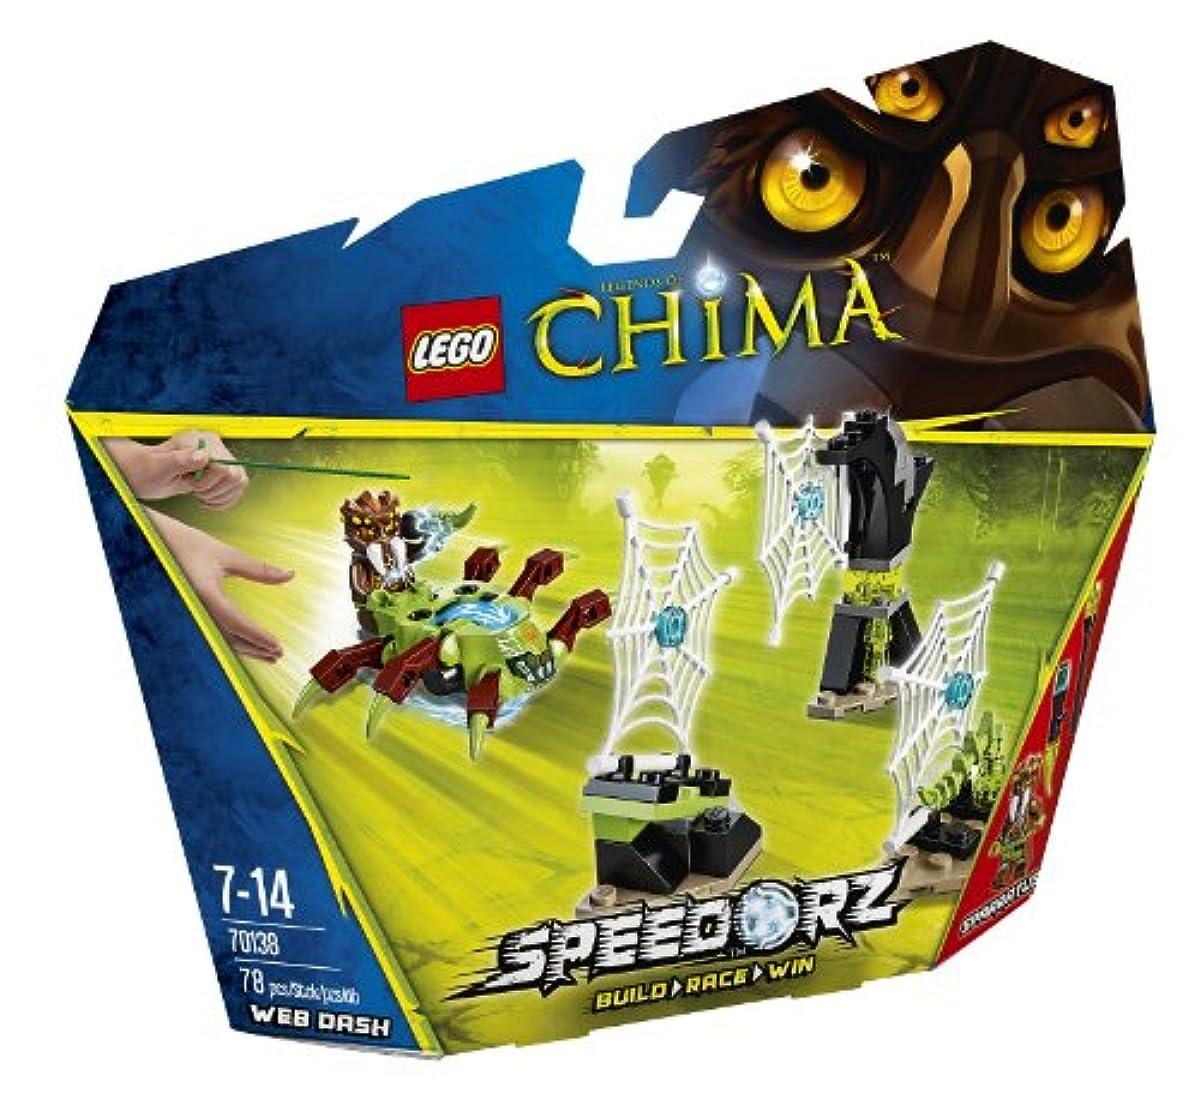 [해외] 레고 (LEGO) 찌마 스파이더데쉬 70138 (2014-03-07)